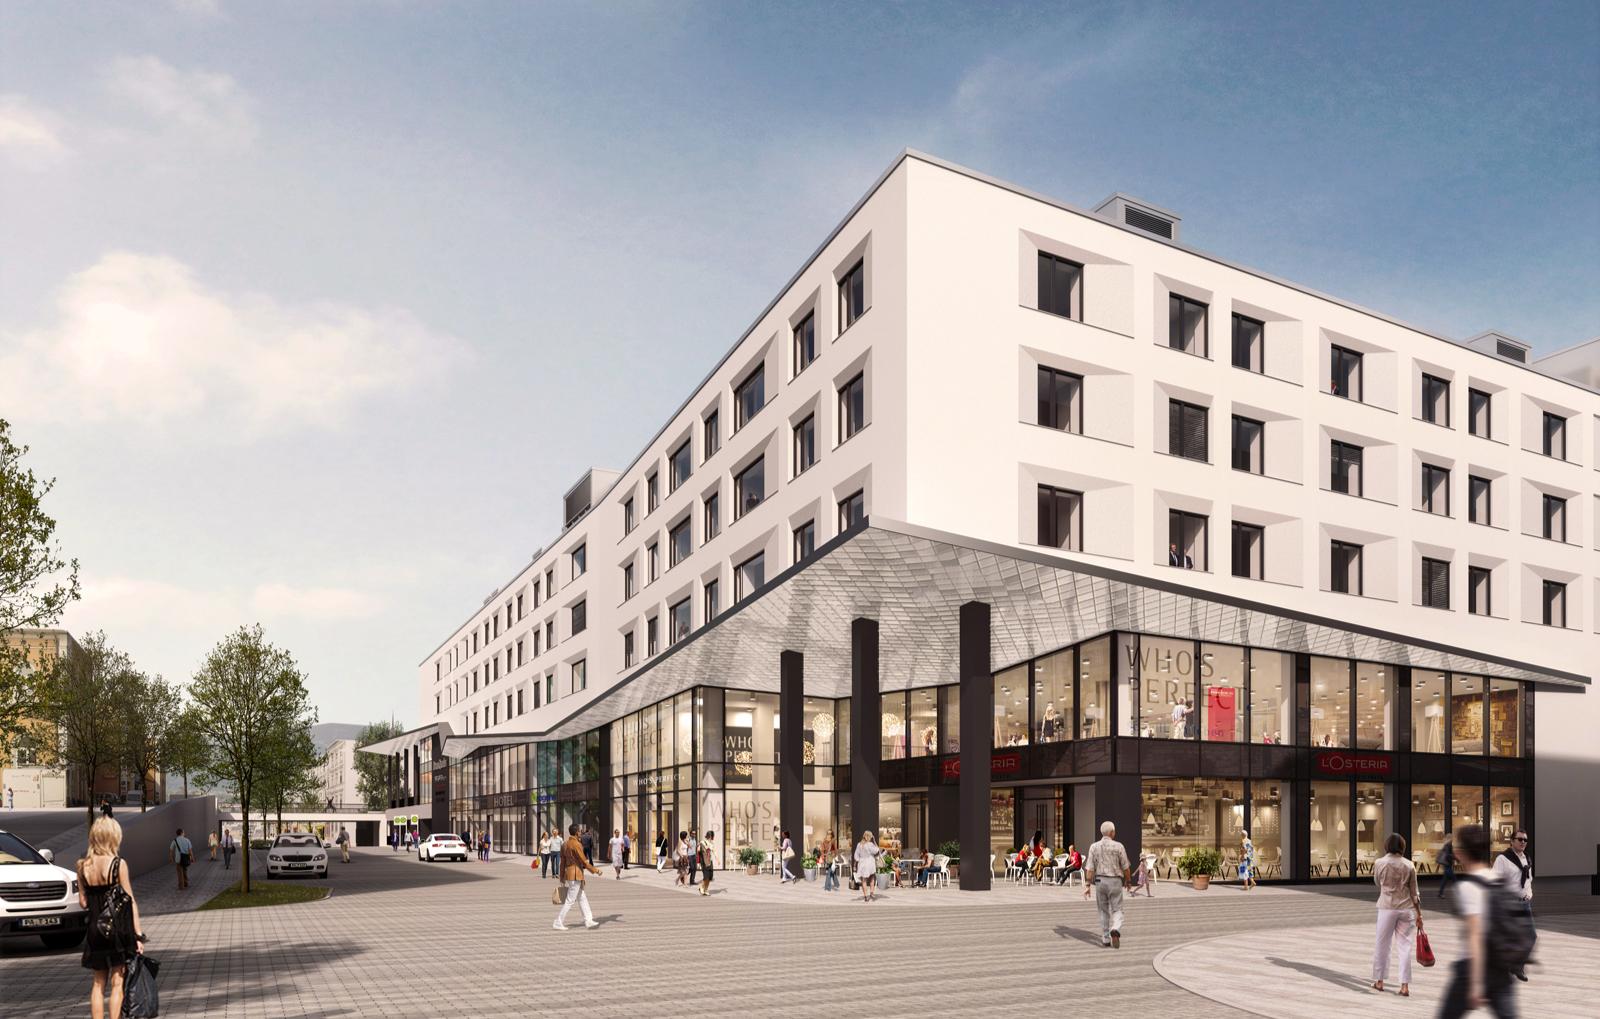 staedtetrip-inkl-schiffrundfahrt-1-uen-2-personen-bg1